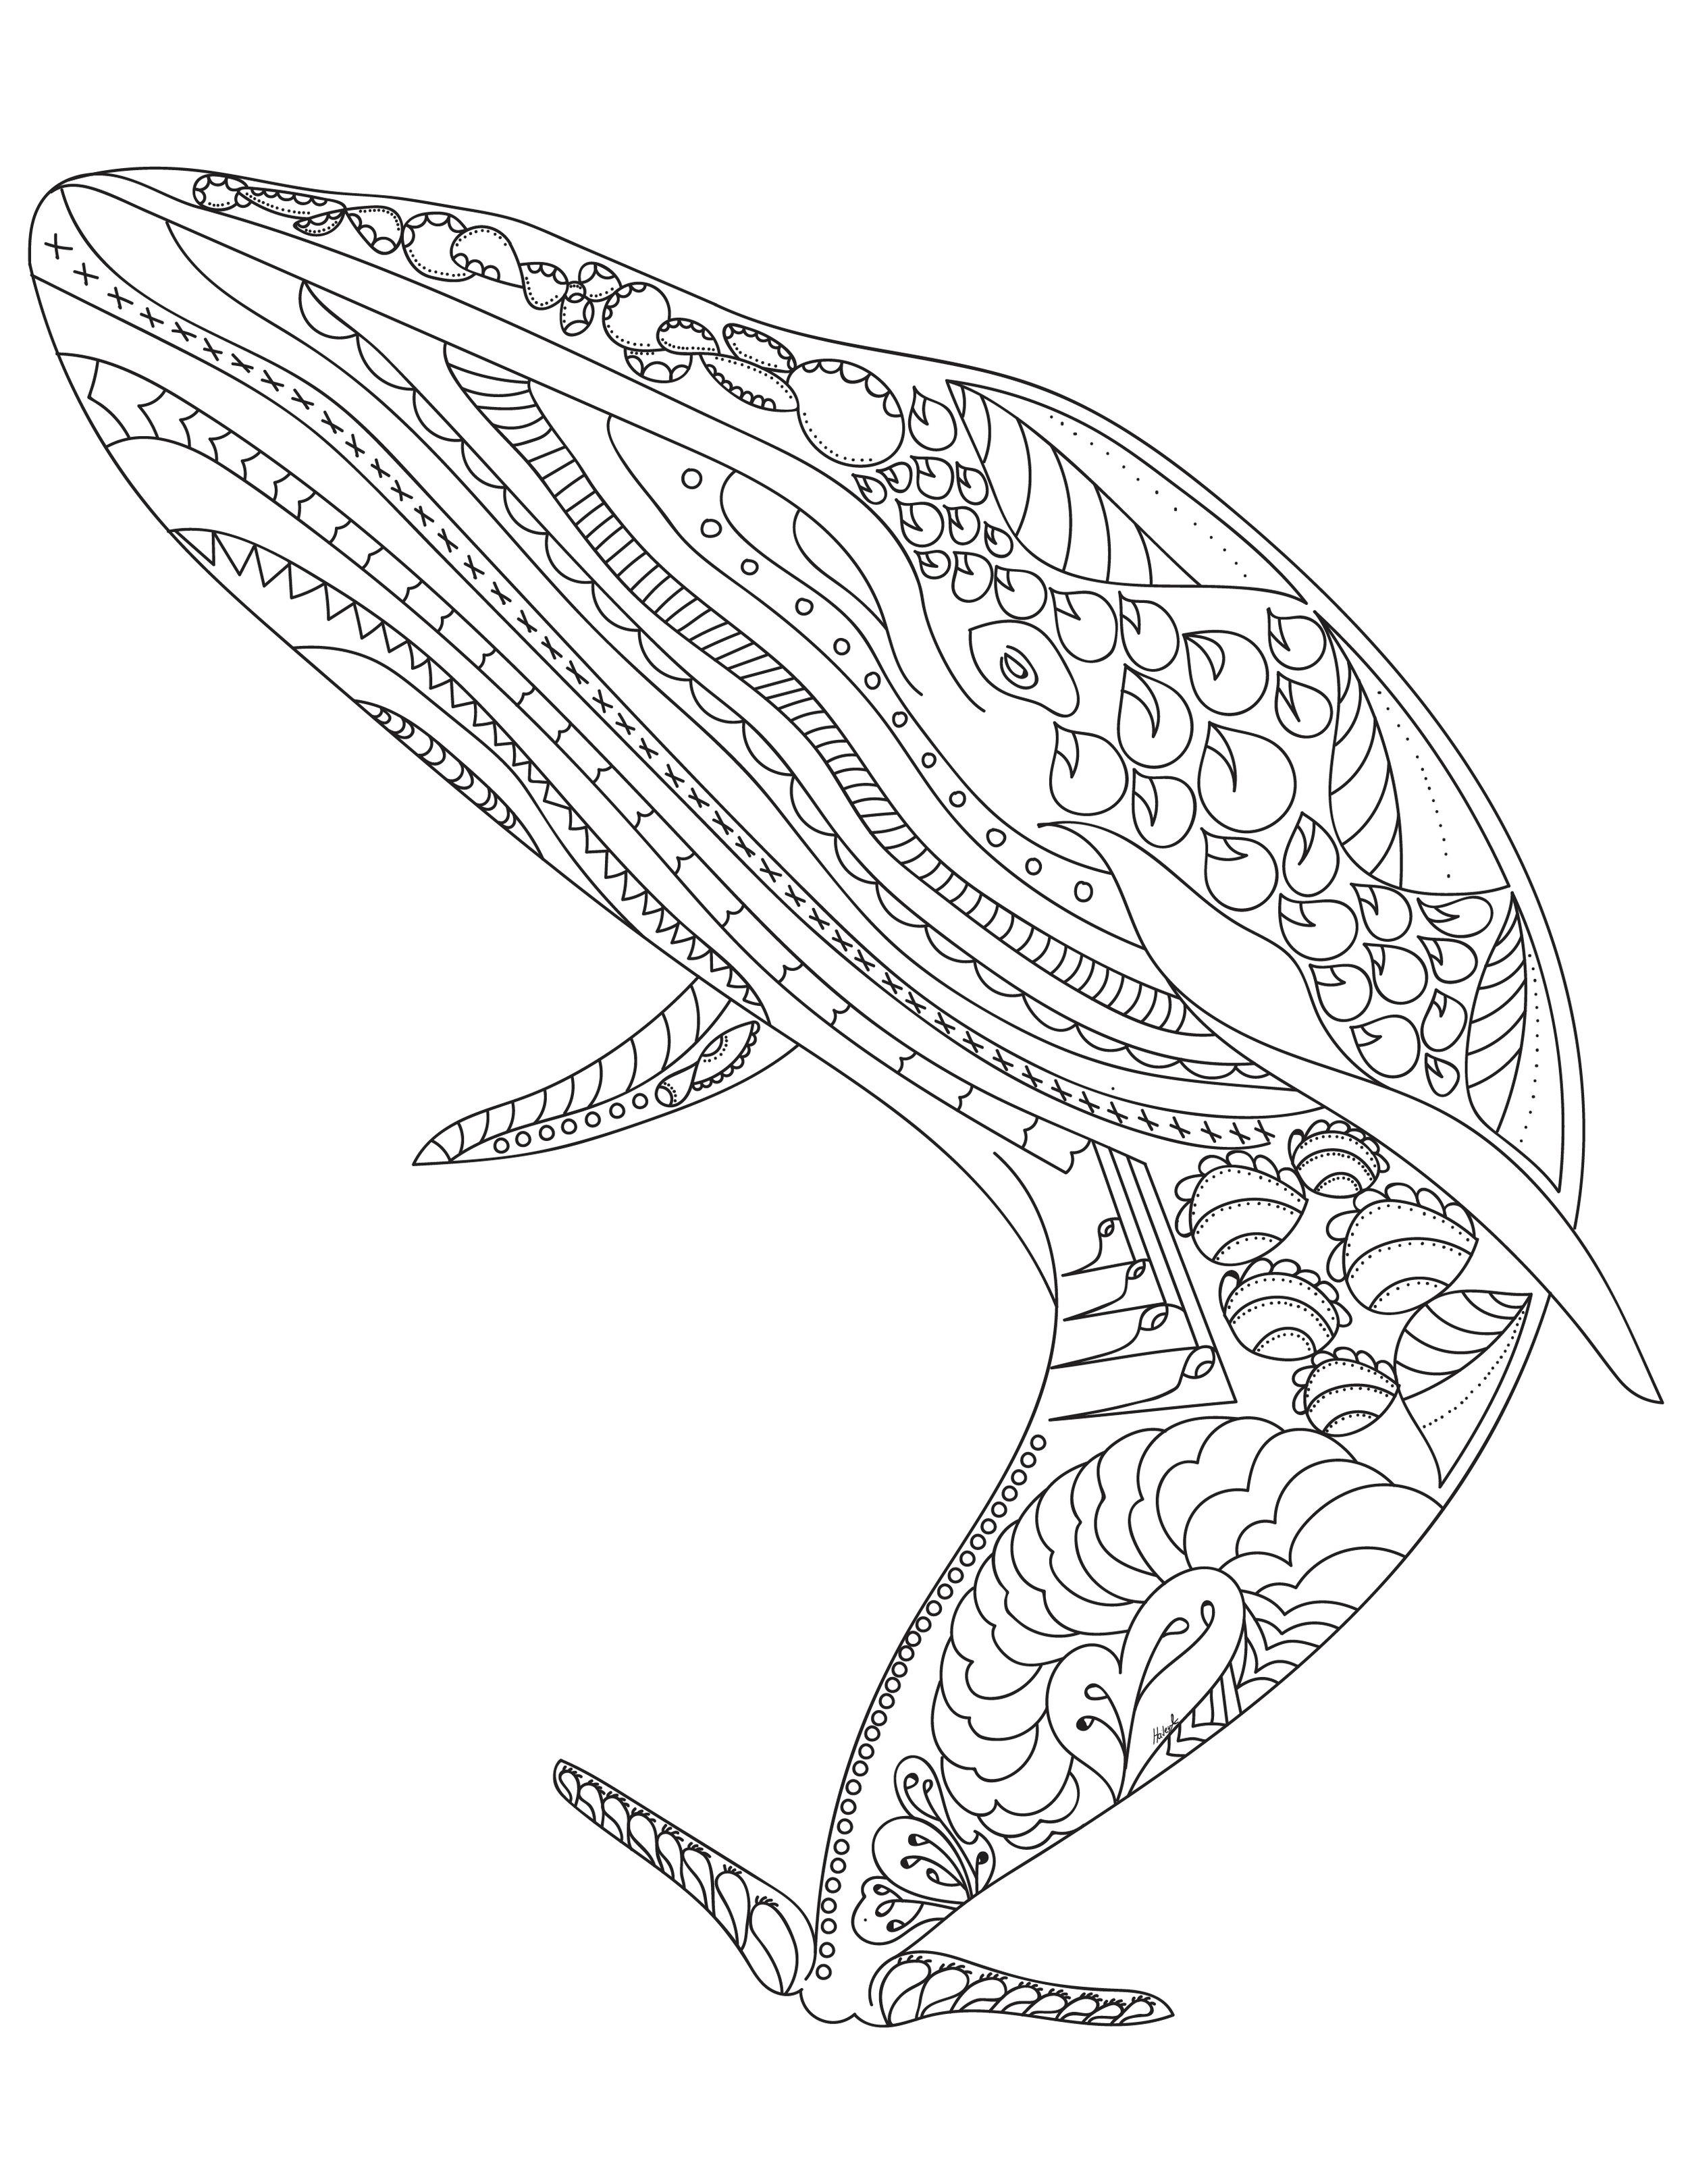 blue whale colouring sheet-01.jpg